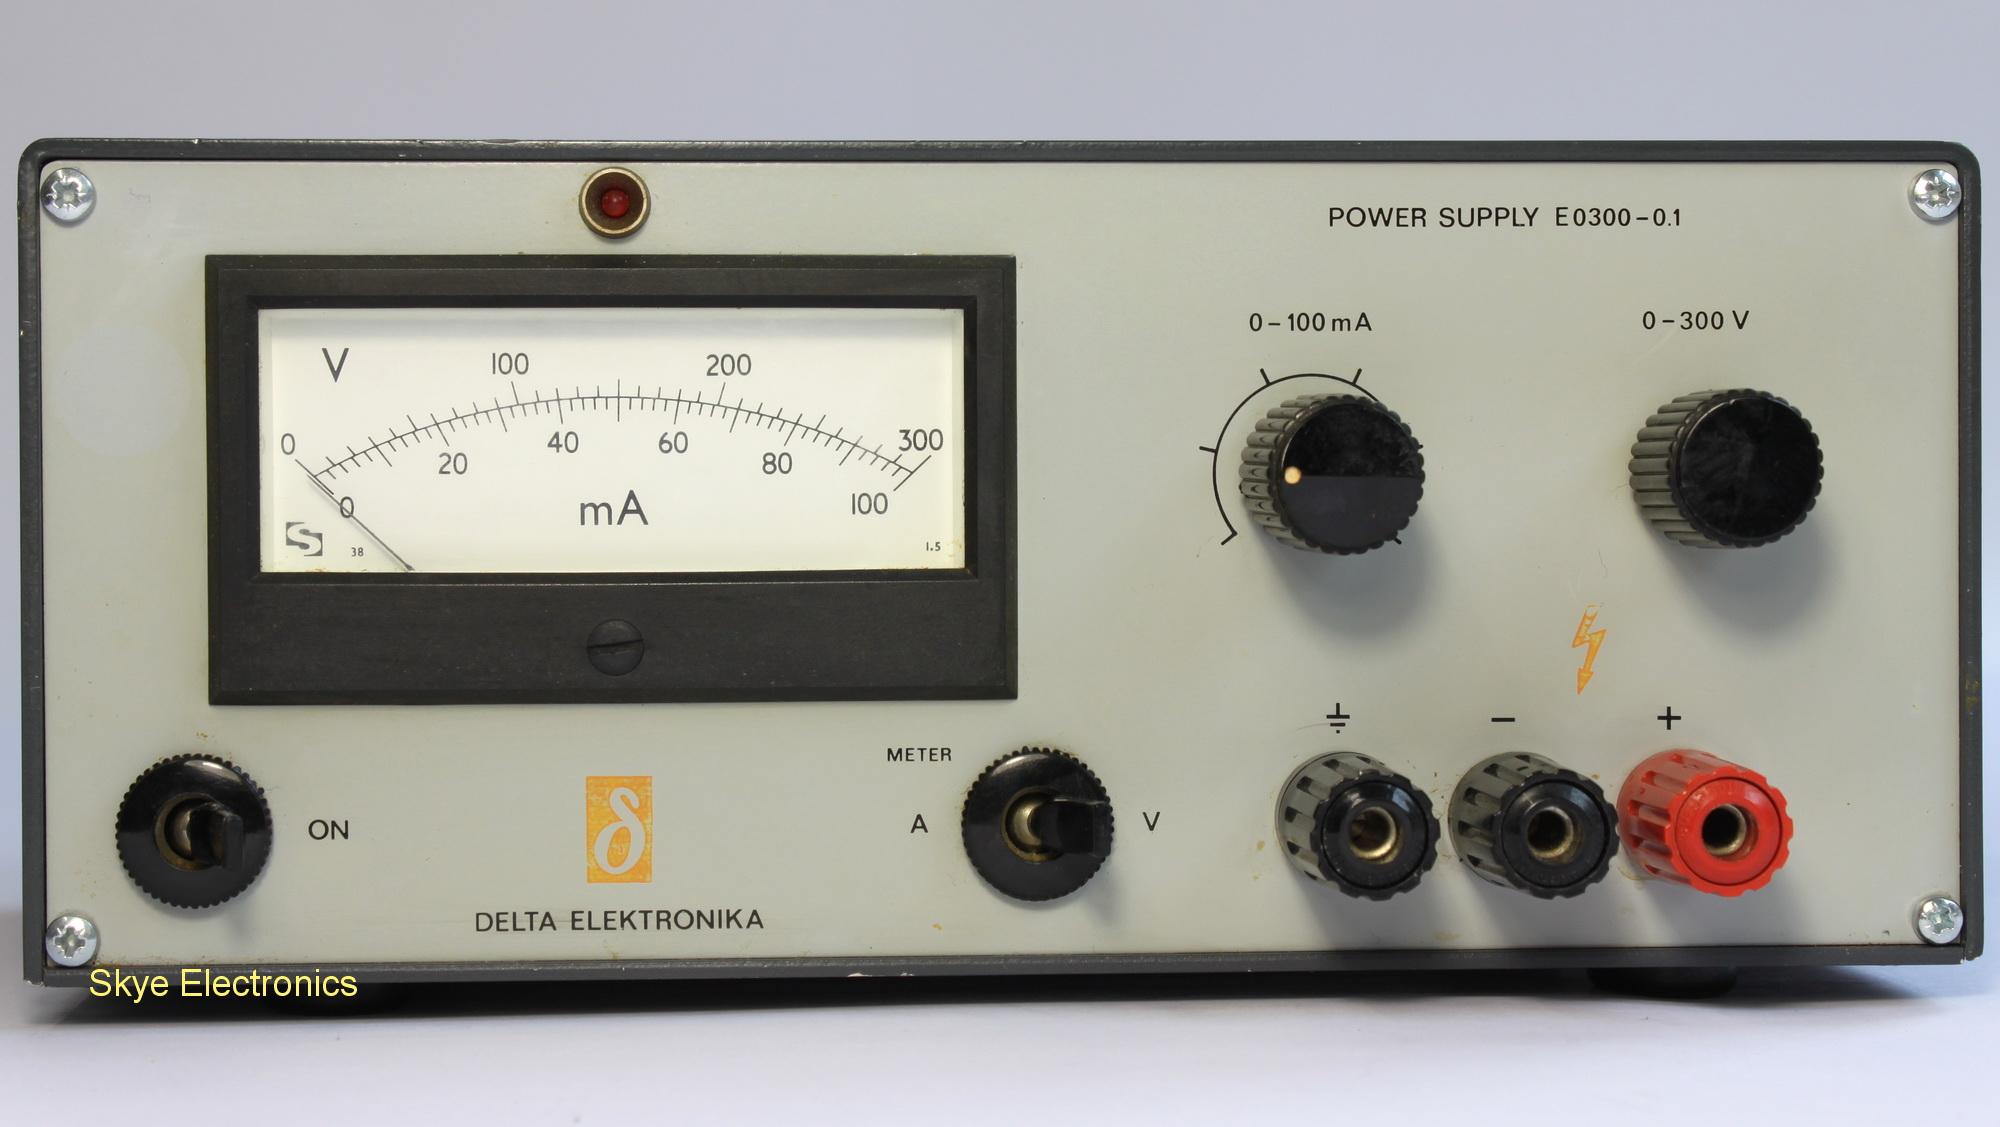 Delta E0300-0.1 Skye Electronics